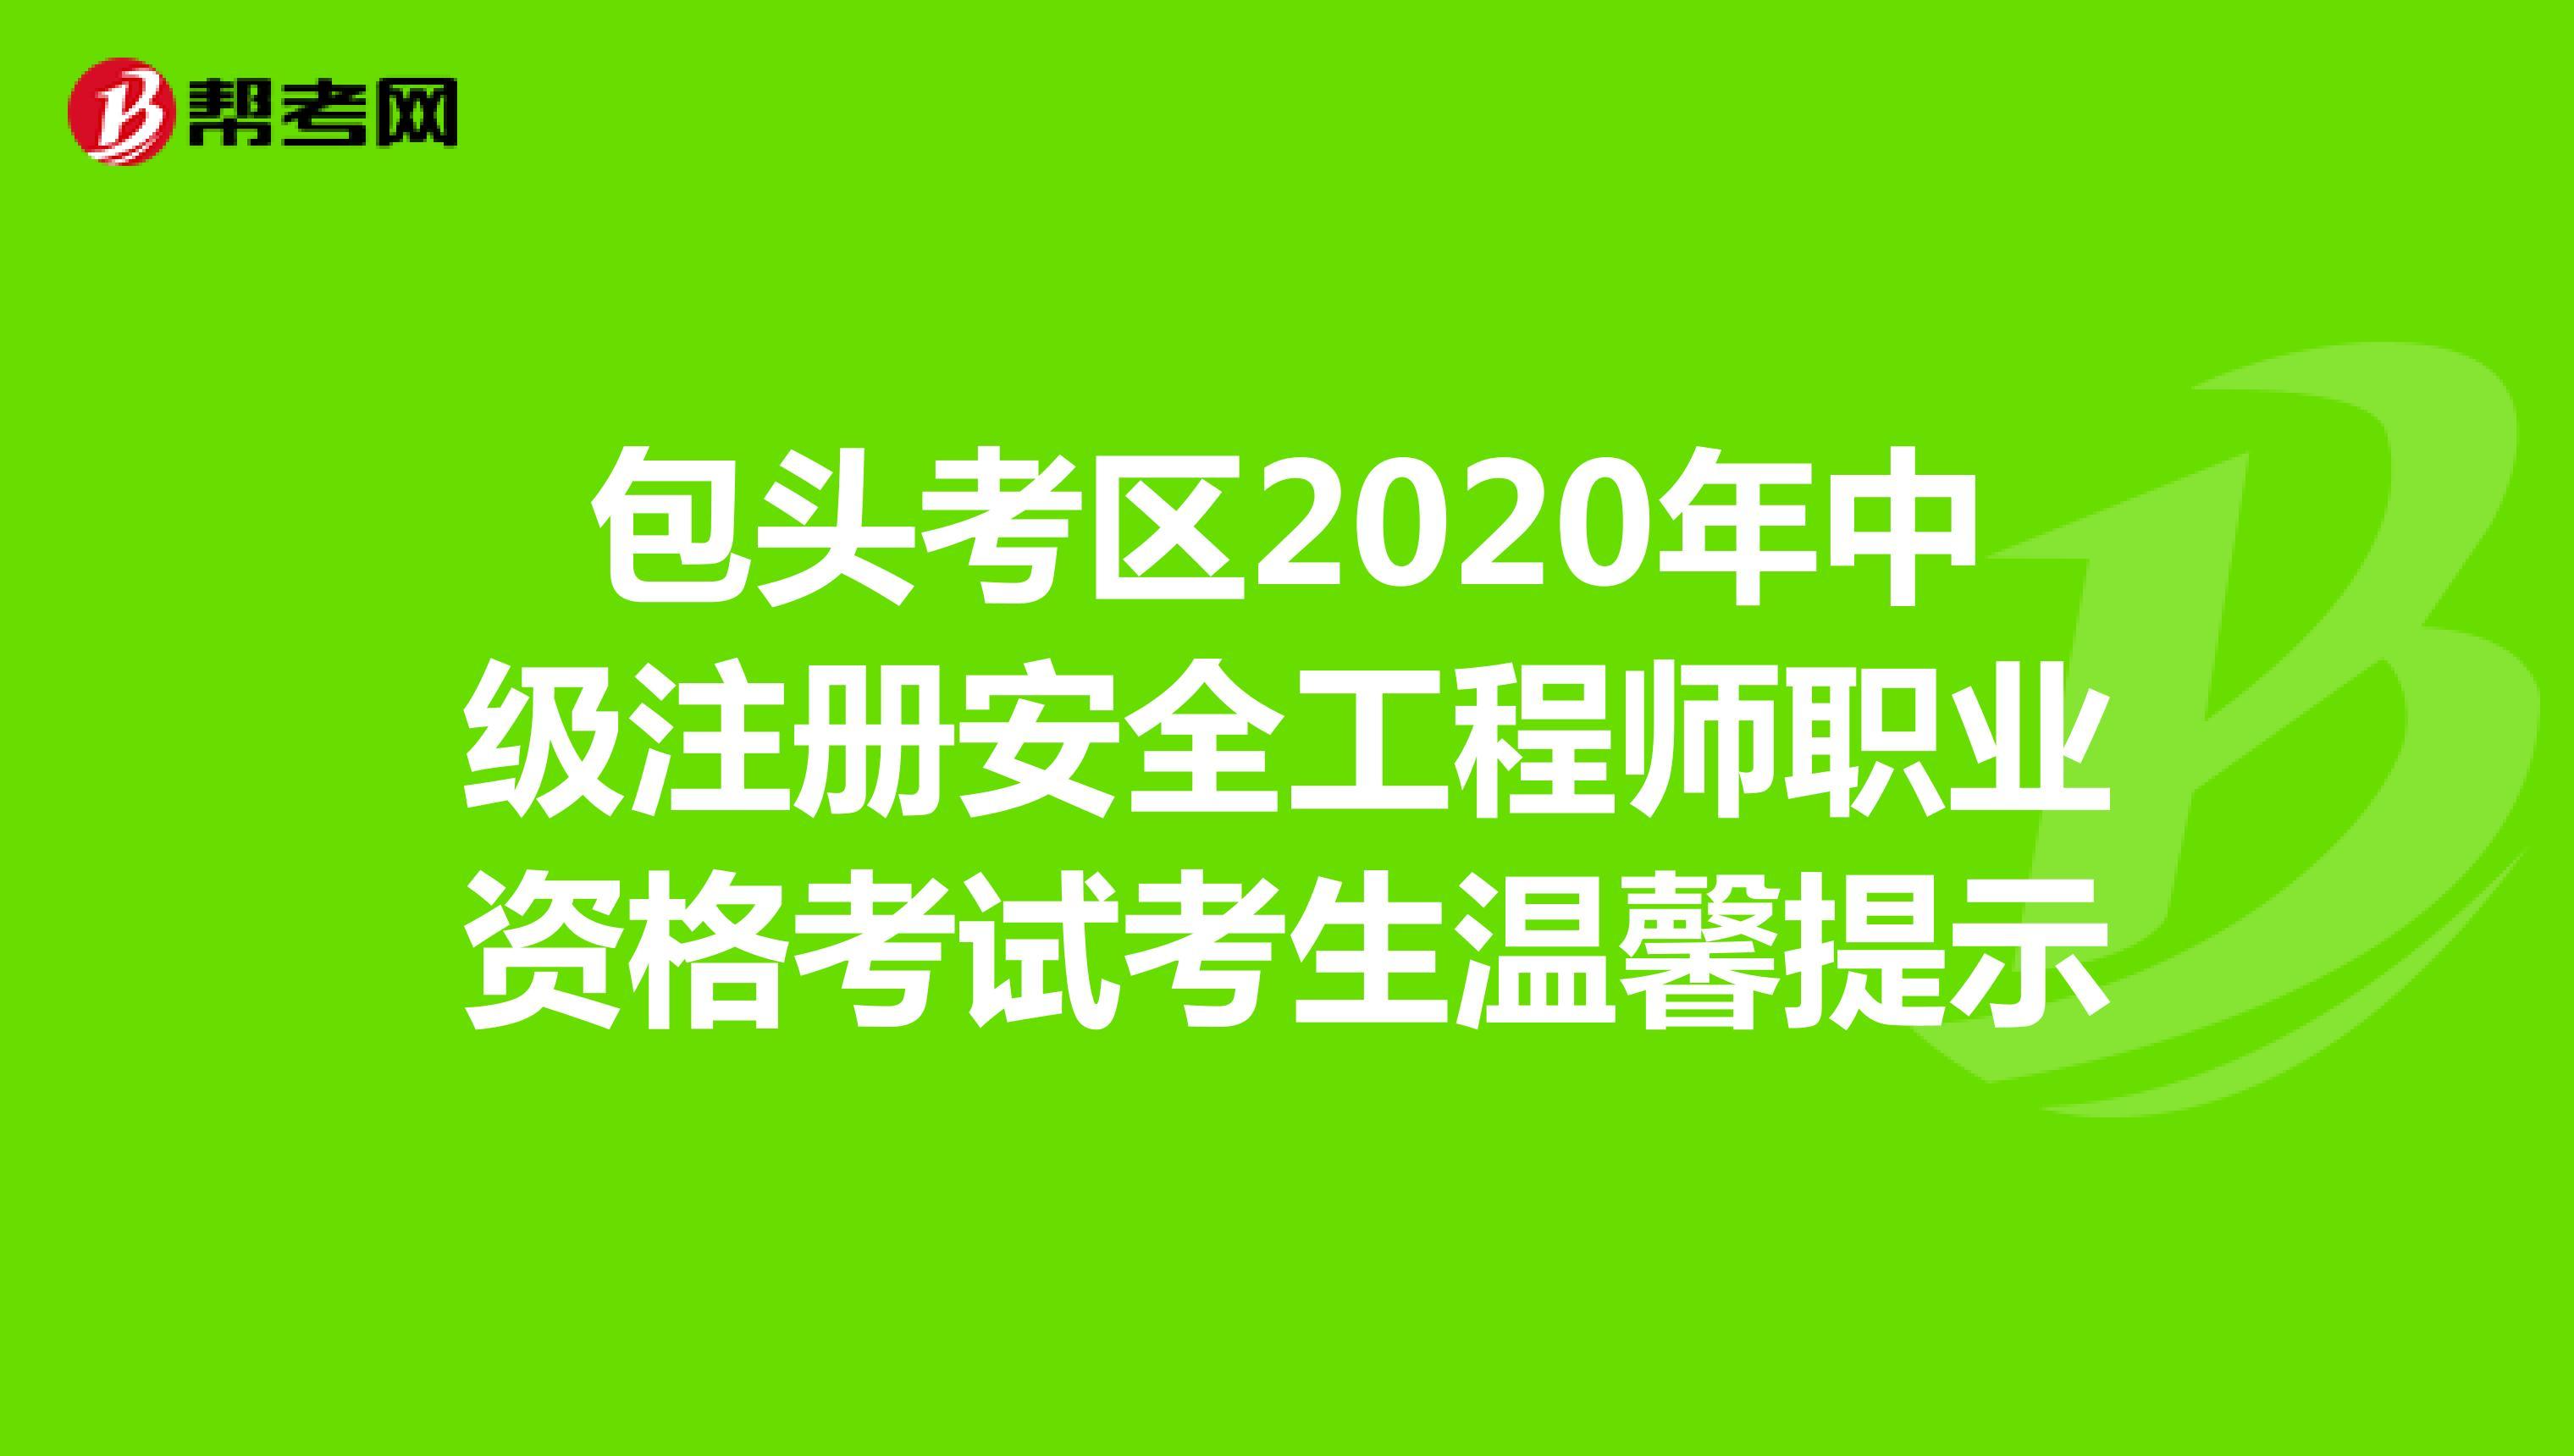 包头考区2020年中级注册安全工程师考试考生温馨提示